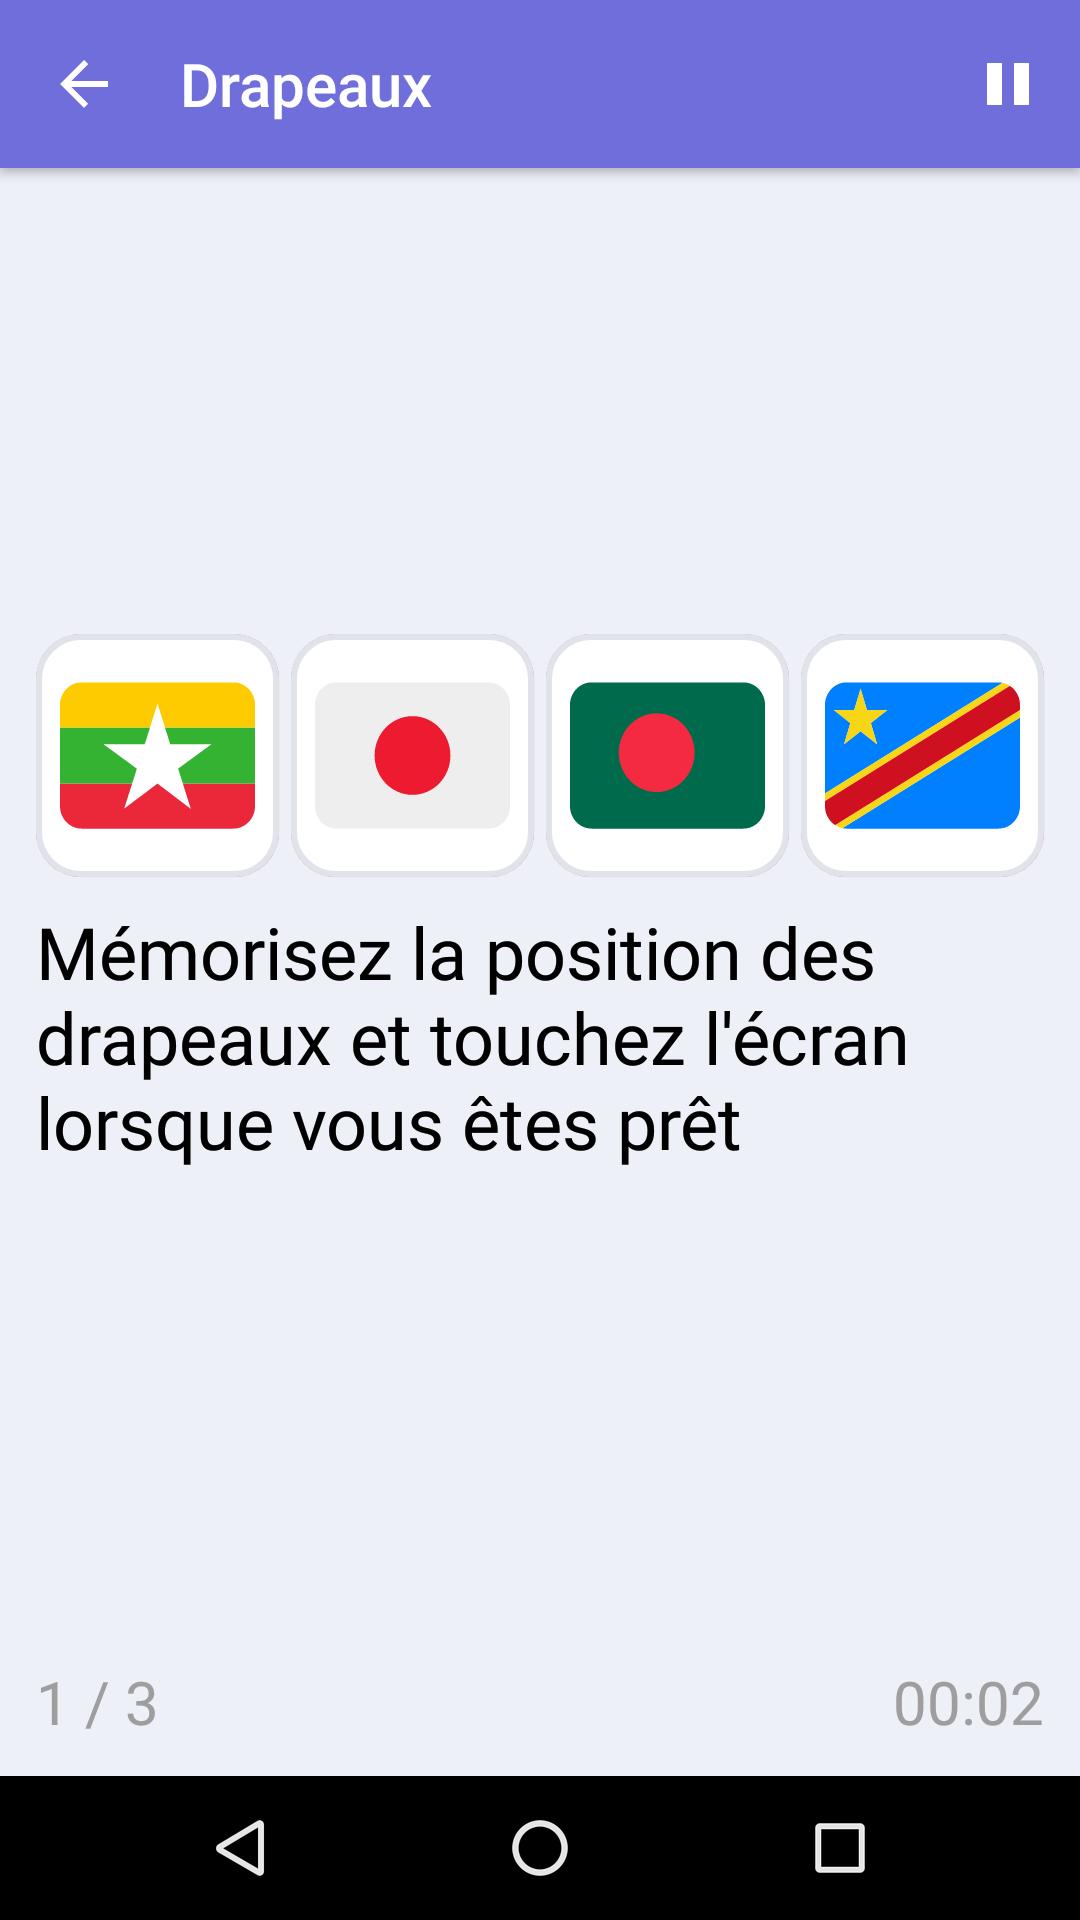 Drapeaux : Jeu De Mémoire Gratuit Pour Iphone & Android à Jeu De Memoire Gratuit